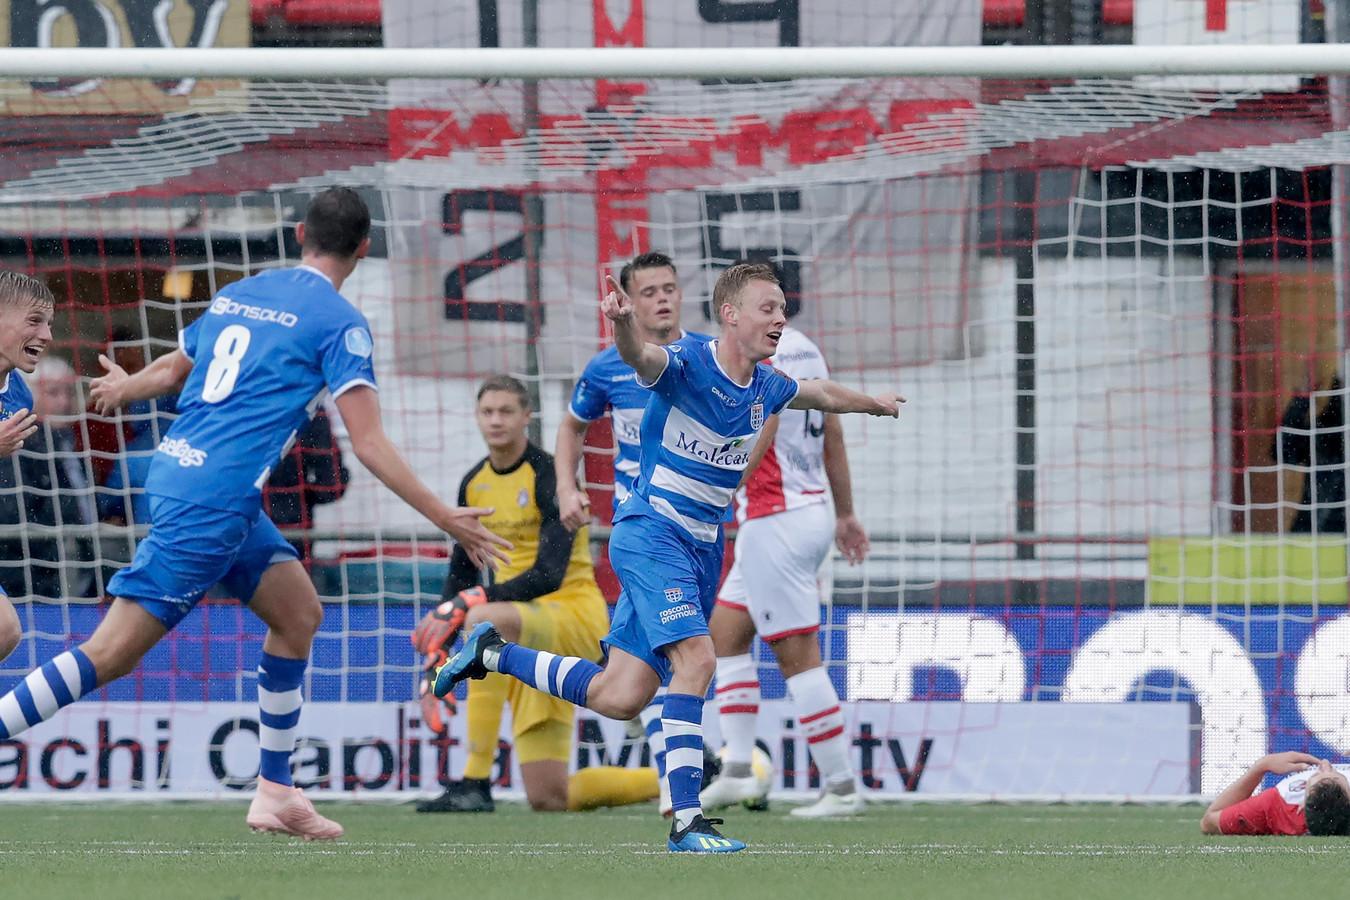 De Graafschap is geïnteresseerd in Rick Dekker, die hier juichend wegloopt na een doelpunt tegen FC Emmen.